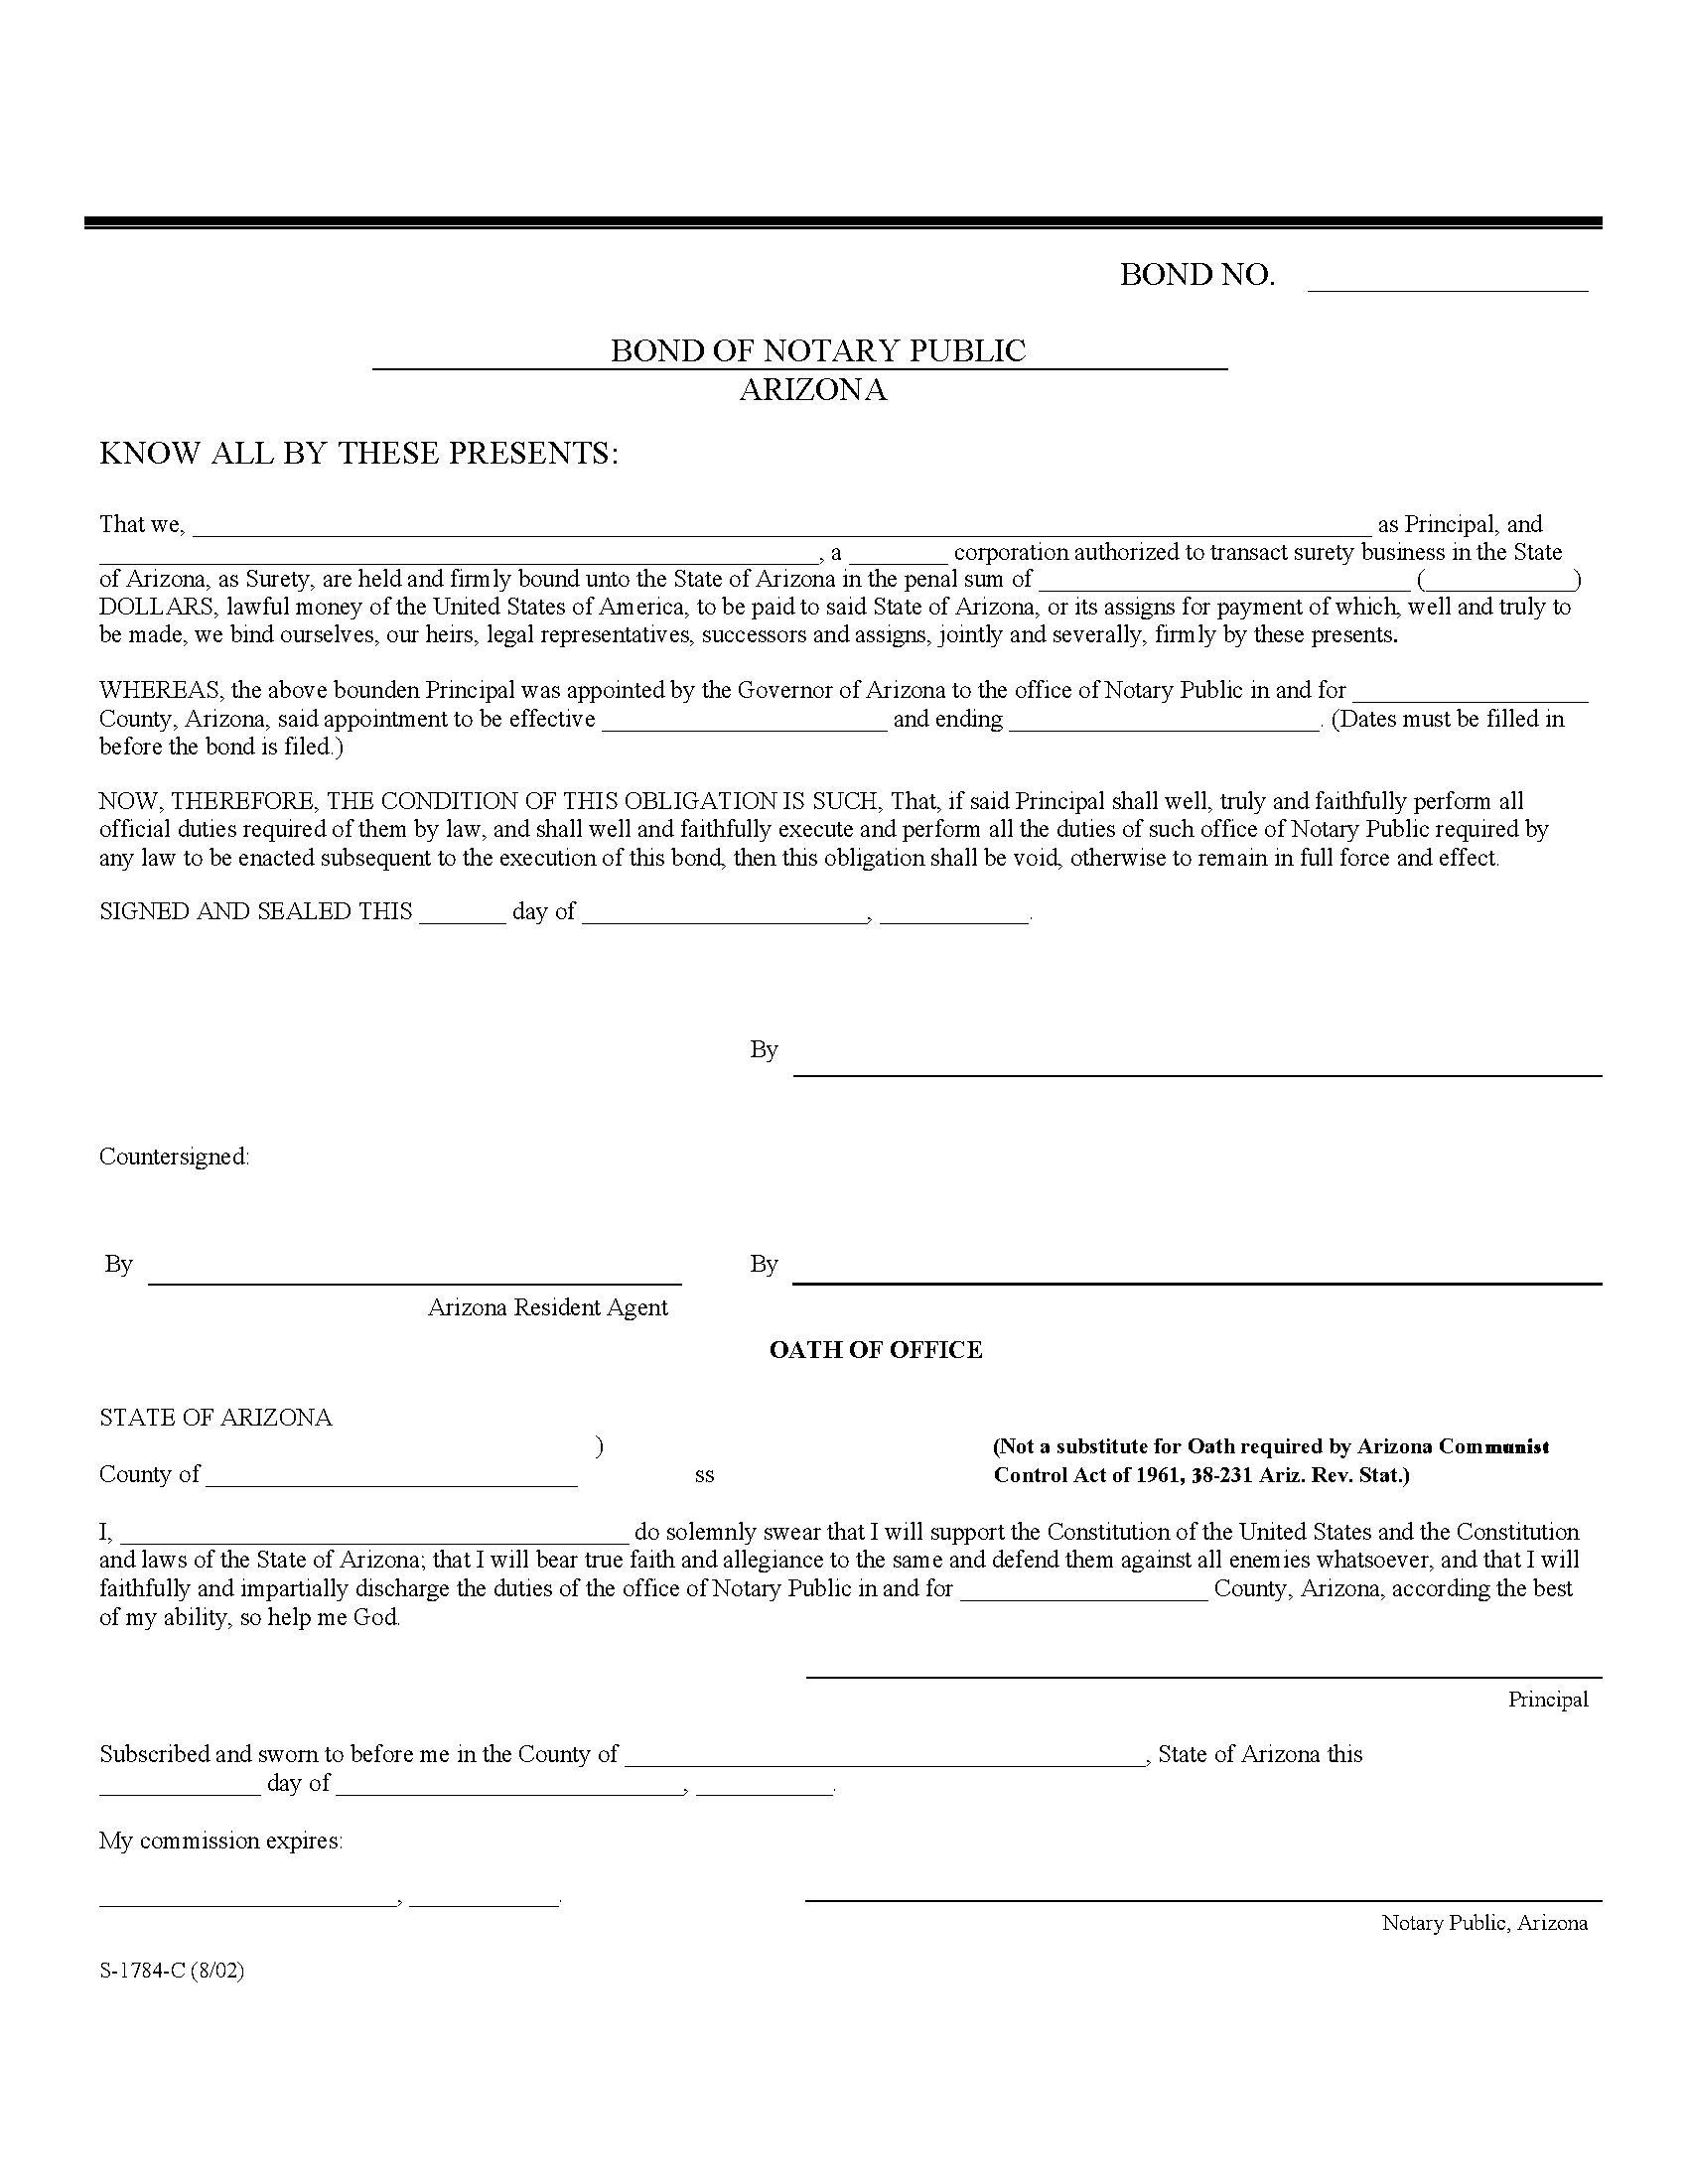 State of Arizona Notary Public sample image